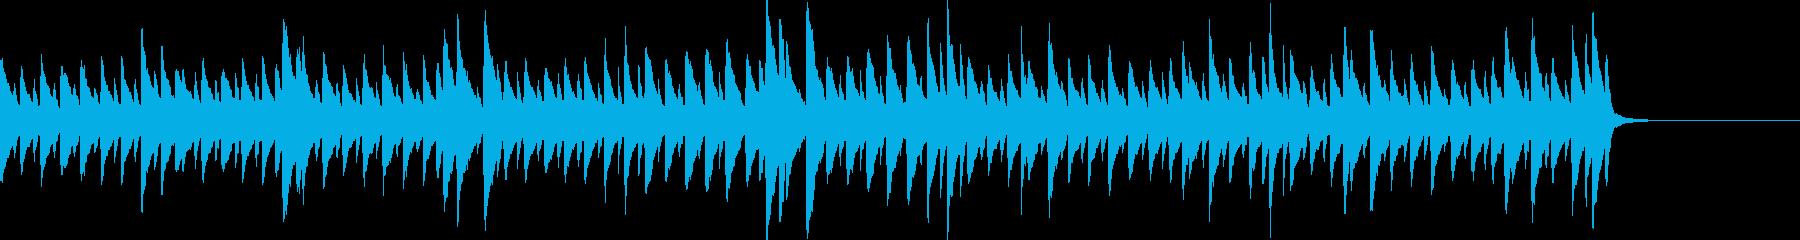 日常・暮らし・家事生活 ピアノ曲の再生済みの波形